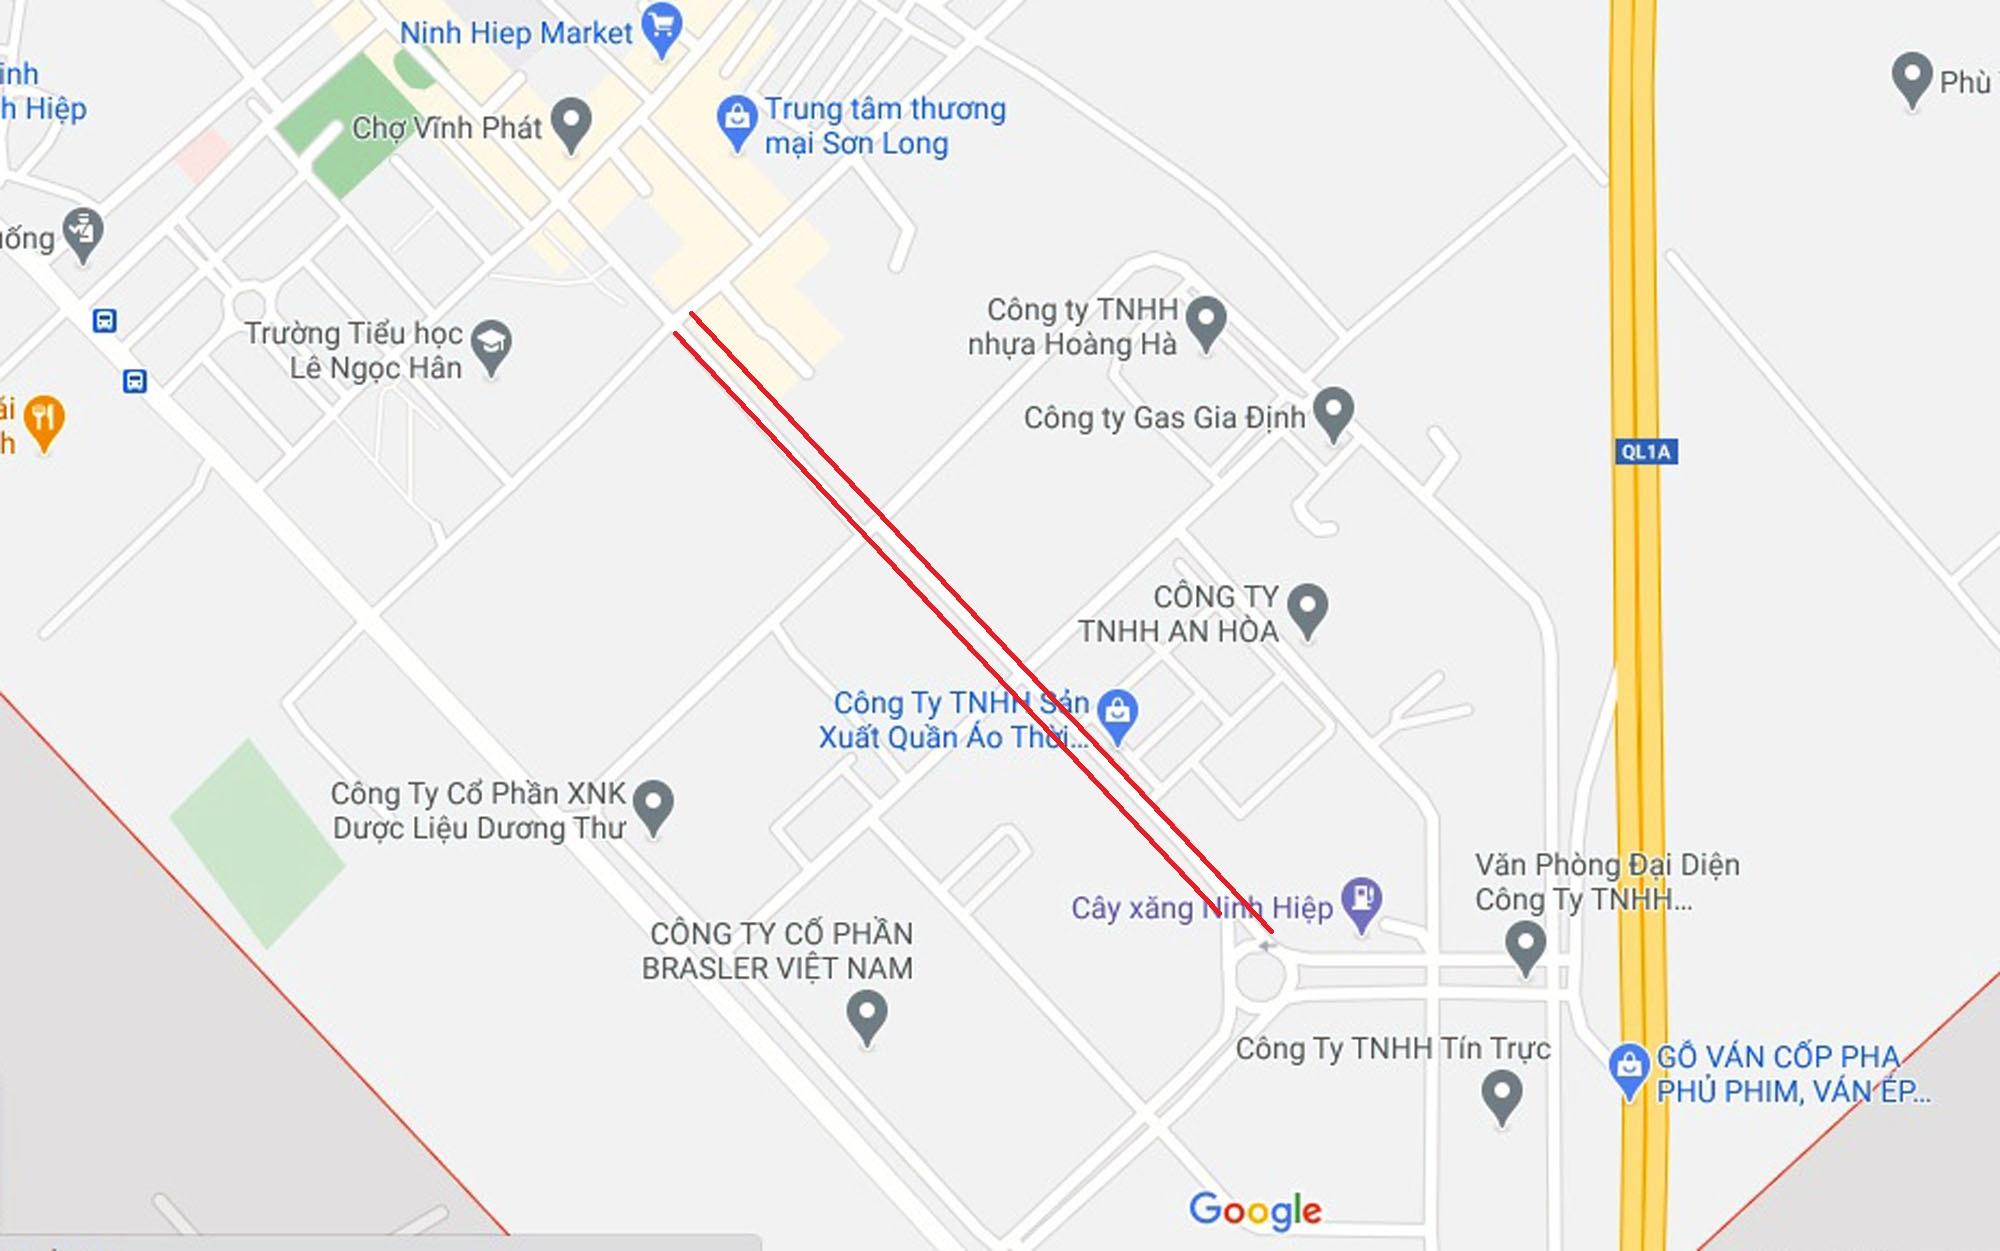 Ba đường sẽ mở theo quy hoạch ở xã Ninh Hiệp, Gia Lâm, Hà Nội - Ảnh 5.